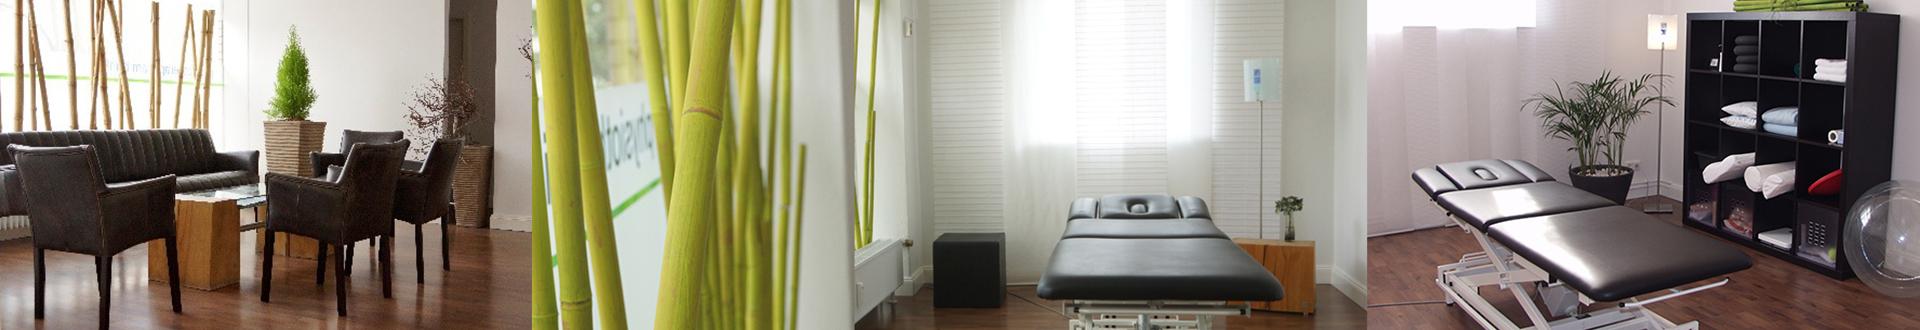 physiotherapie am brink